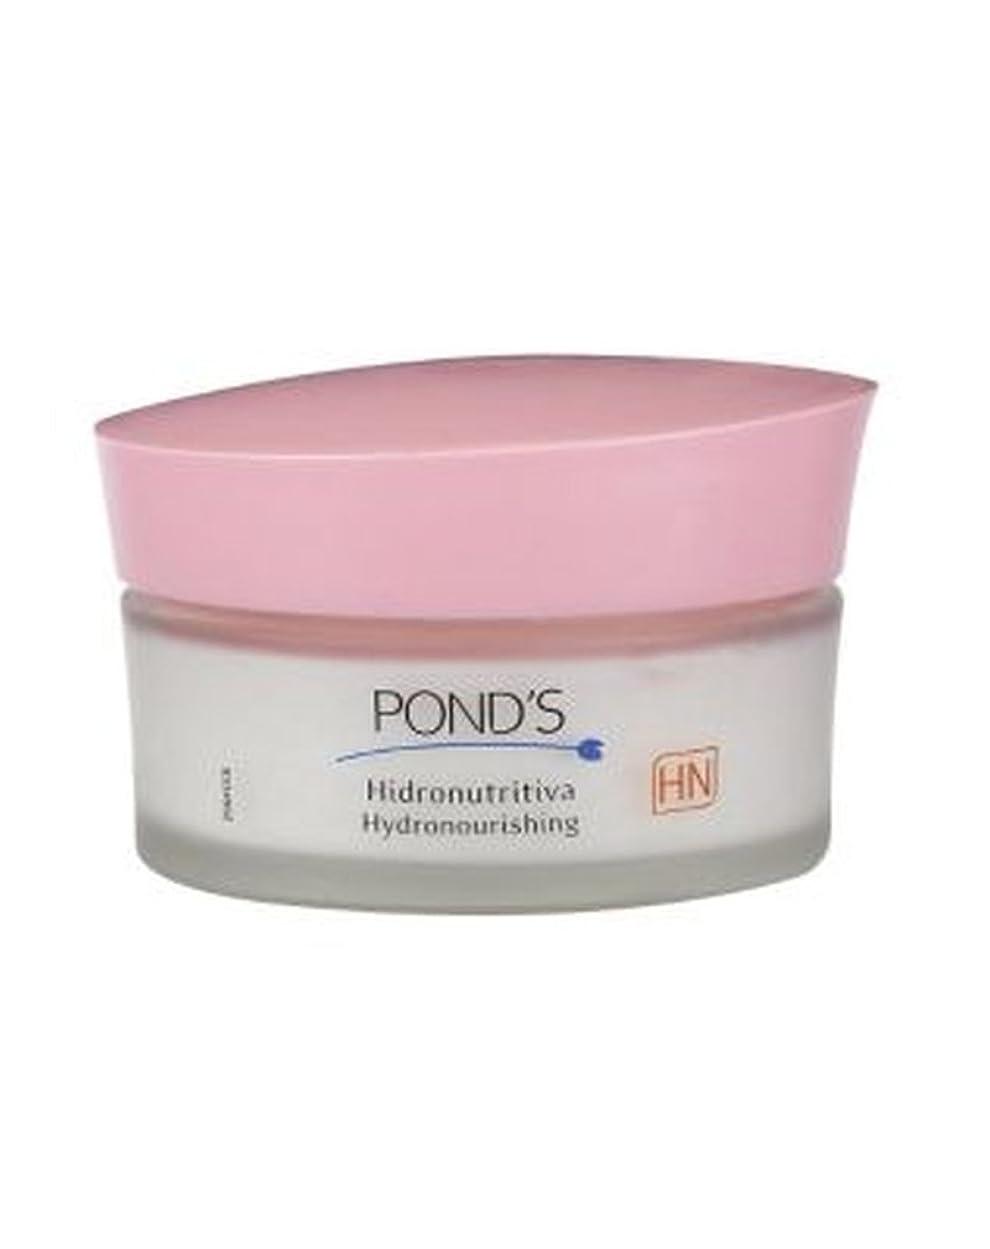 成人期届けるはねかけるPonds Nourishing Anti-wrinkle Cream 50ml - アンチリンクルクリーム50ミリリットル栄養池 (Ponds) [並行輸入品]